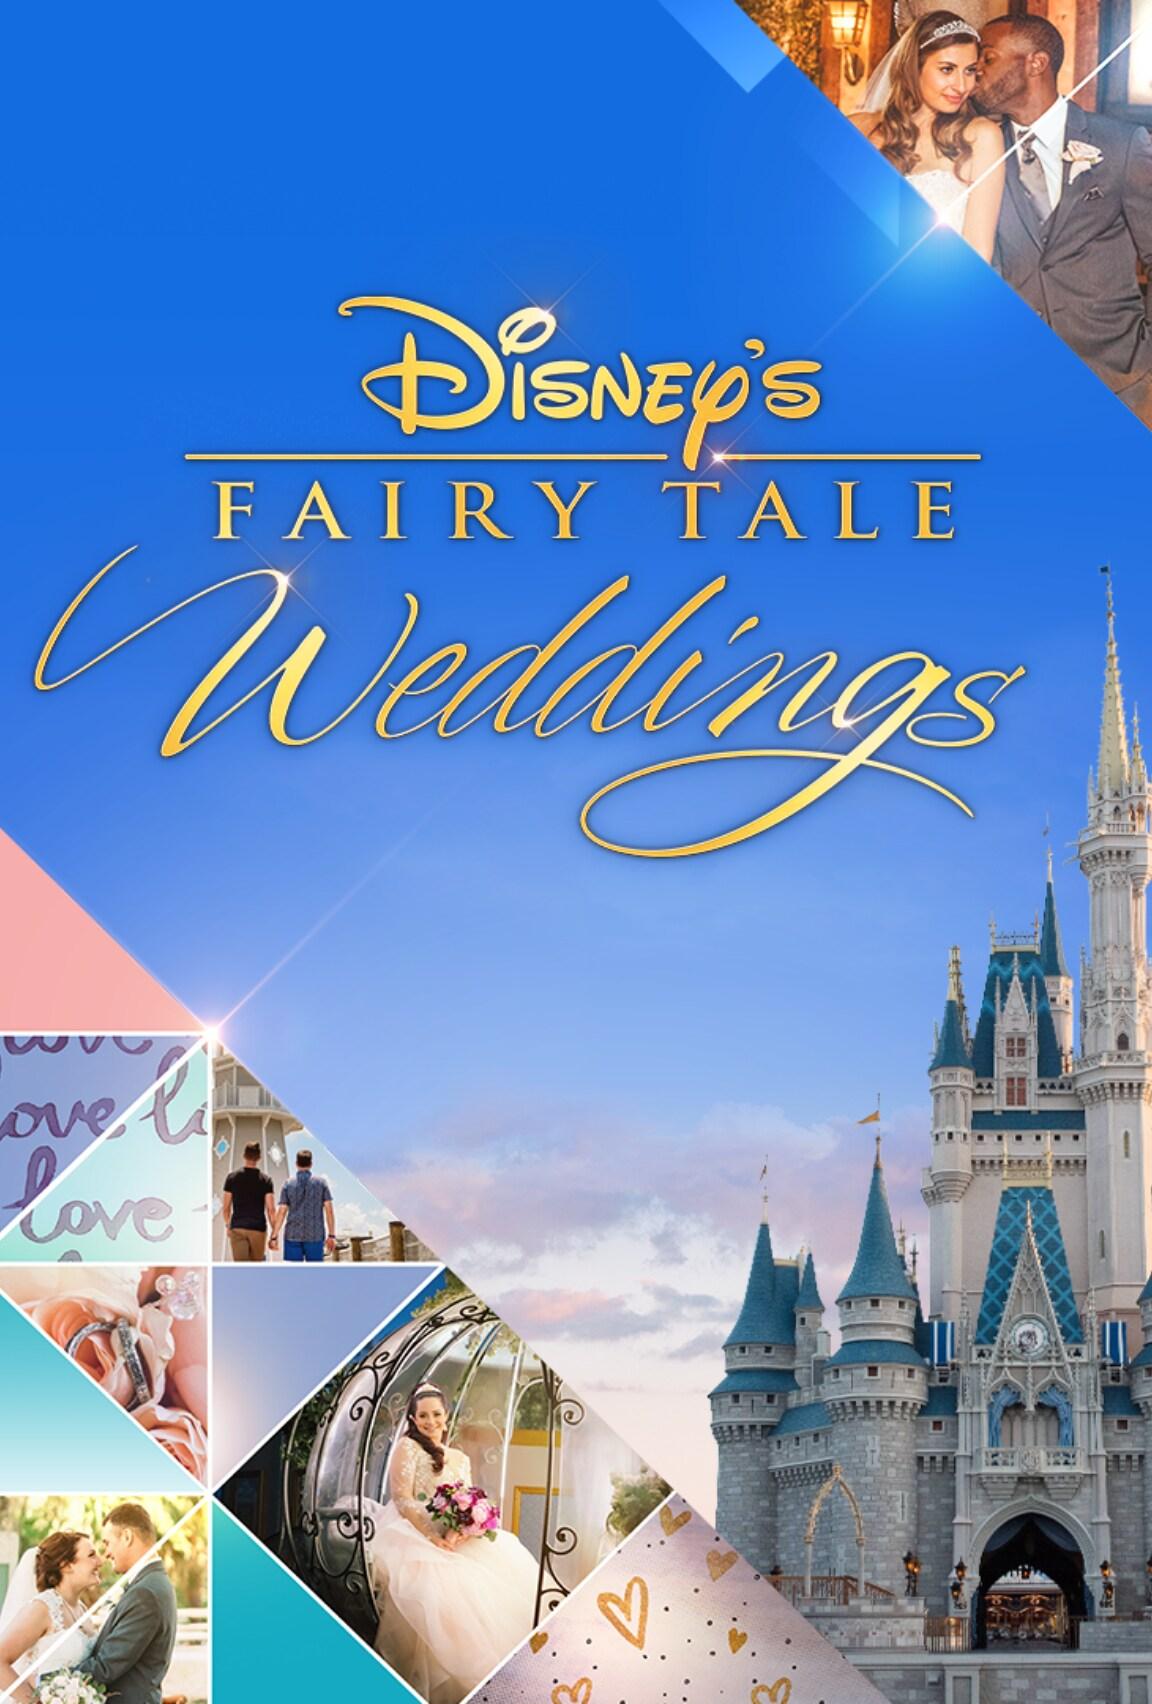 Disney's Fairy Tale Weddings (2017)